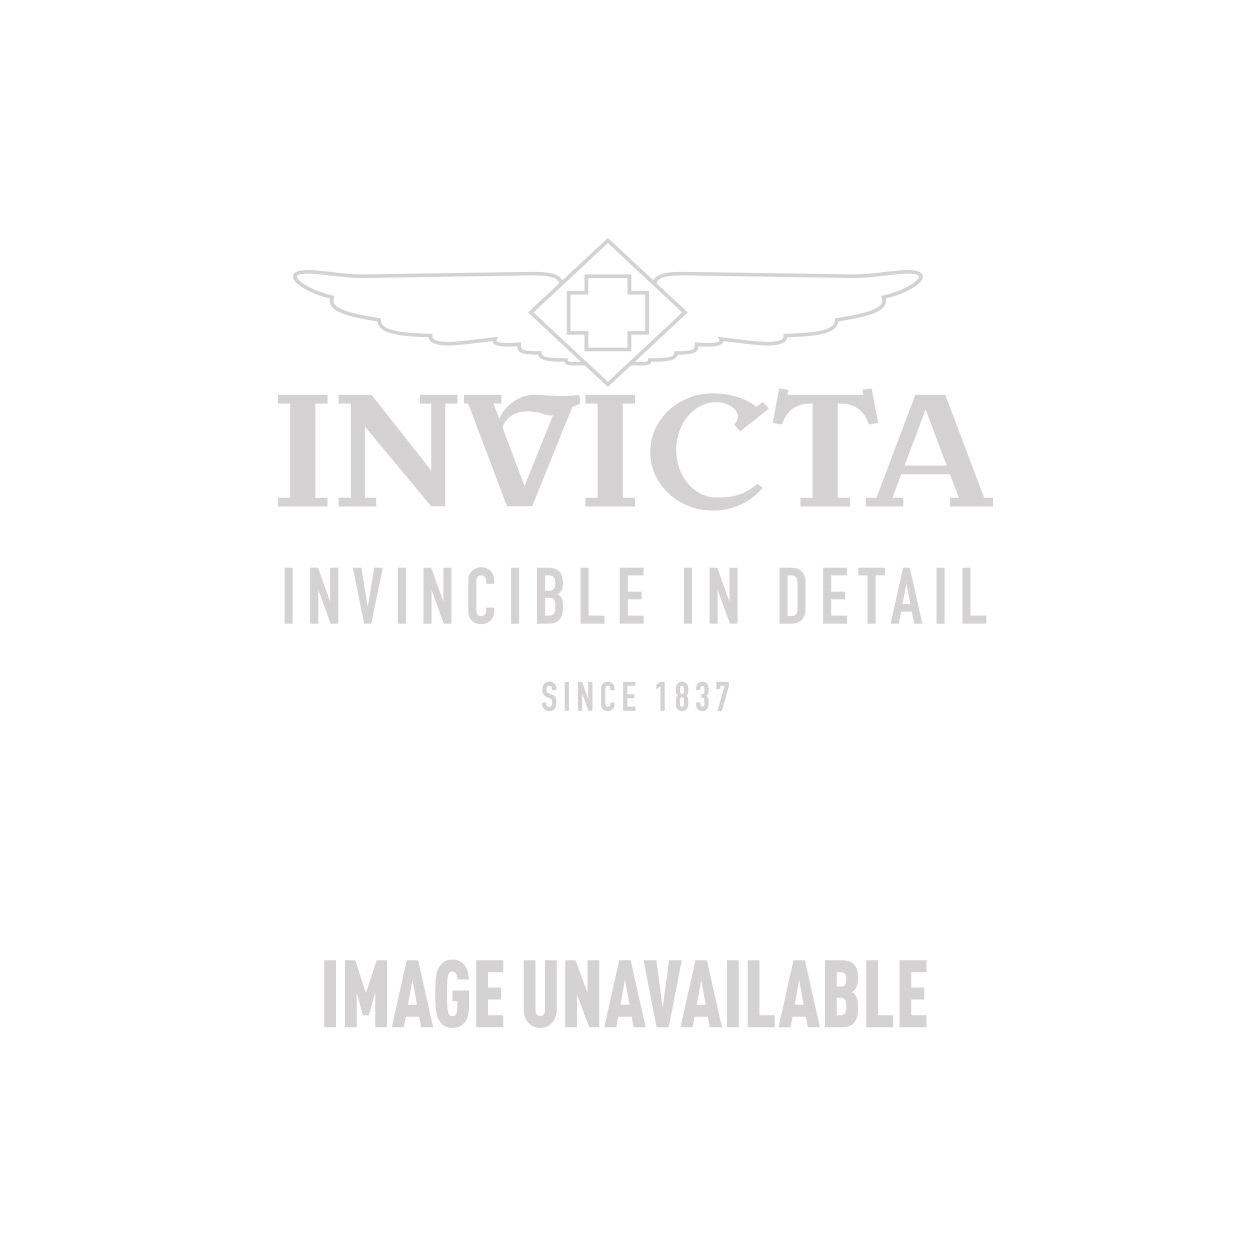 Invicta Model 29355